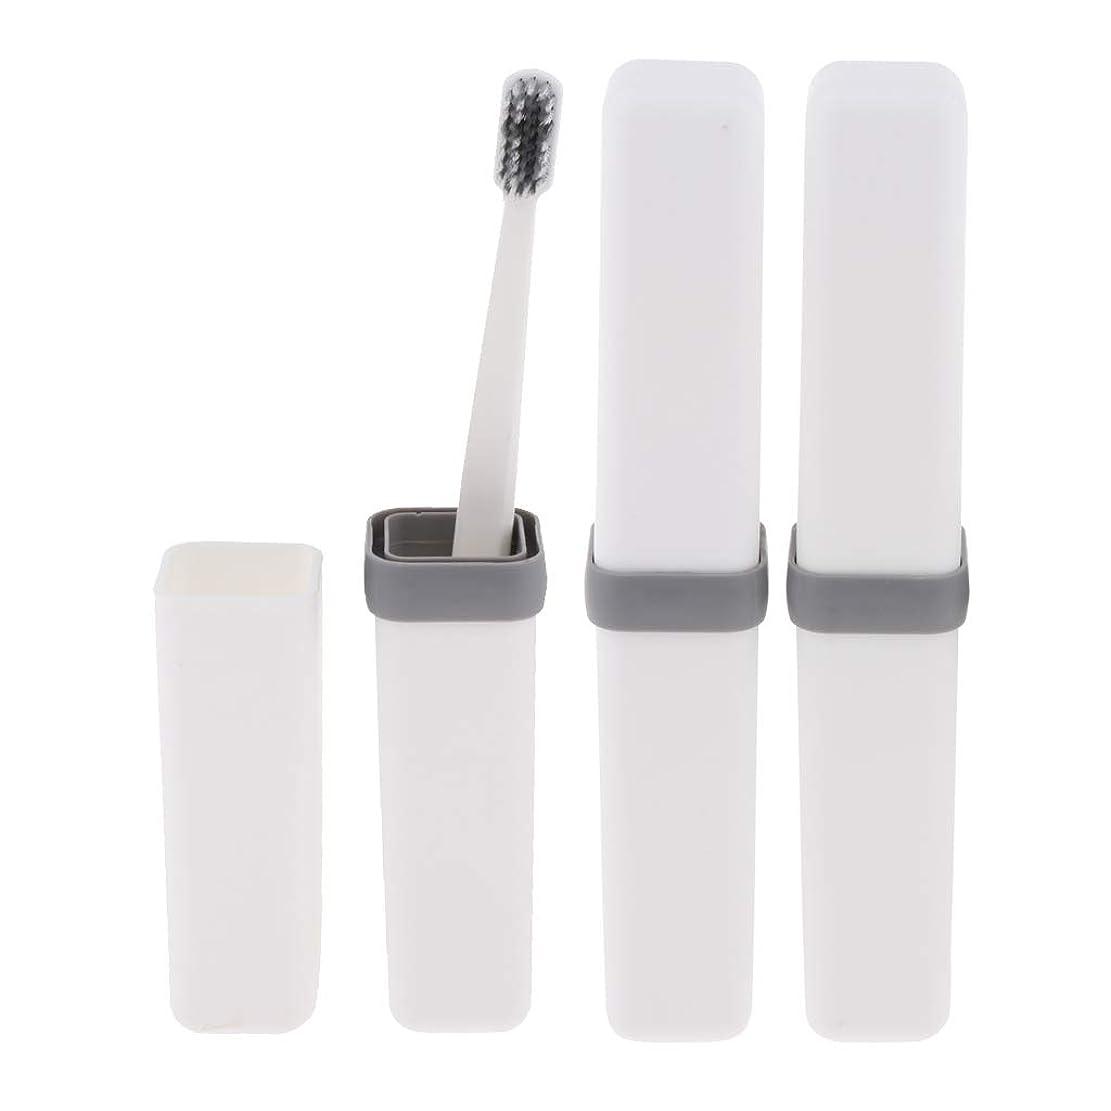 送金対処する巧みなFenteer 歯ブラシ 歯磨き 歯清潔 収納ボックス付 旅行 キャンプ 学校 軽量 携帯 実用的 3個 全4色 - 白